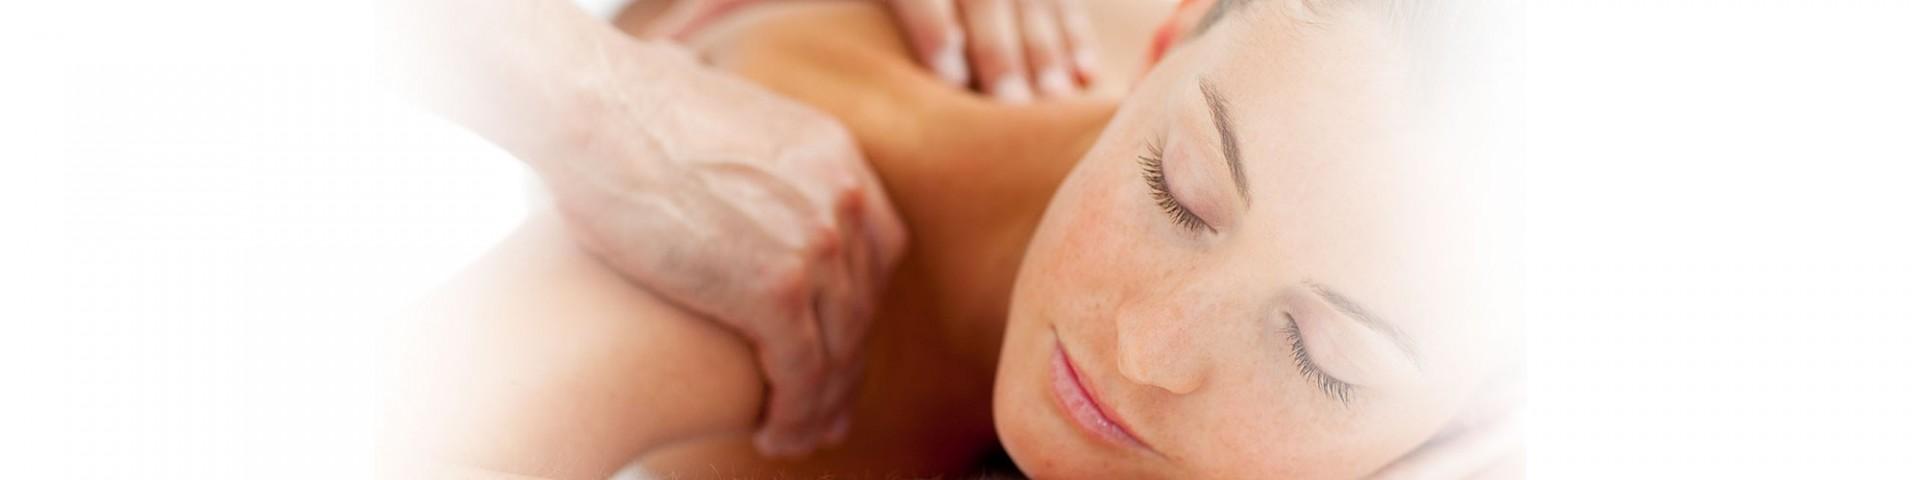 porr mobil na thai massage